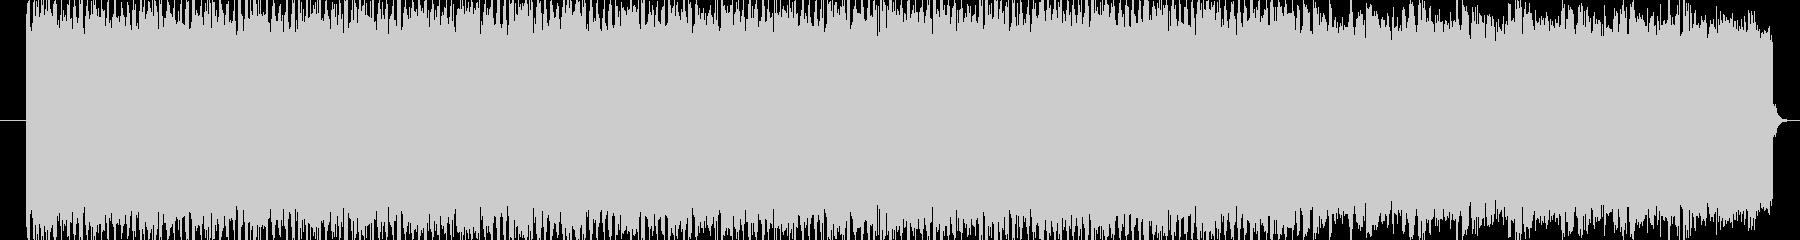 明るい雰囲気の4つ打ちエレクトロの未再生の波形